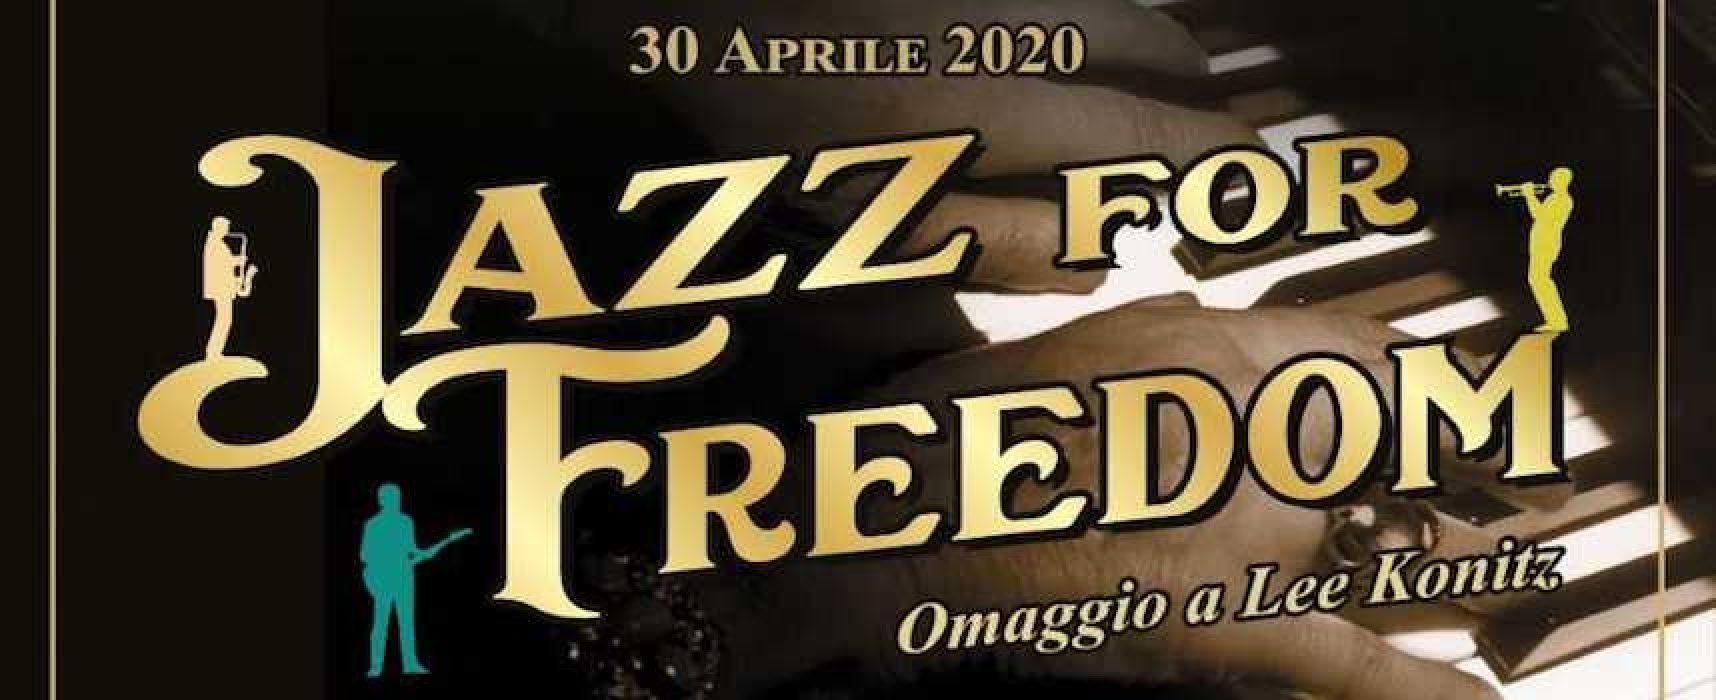 Video-concerto della Nuova Accademia Orfeo per Giornata Internazionale del jazz / VIDEO